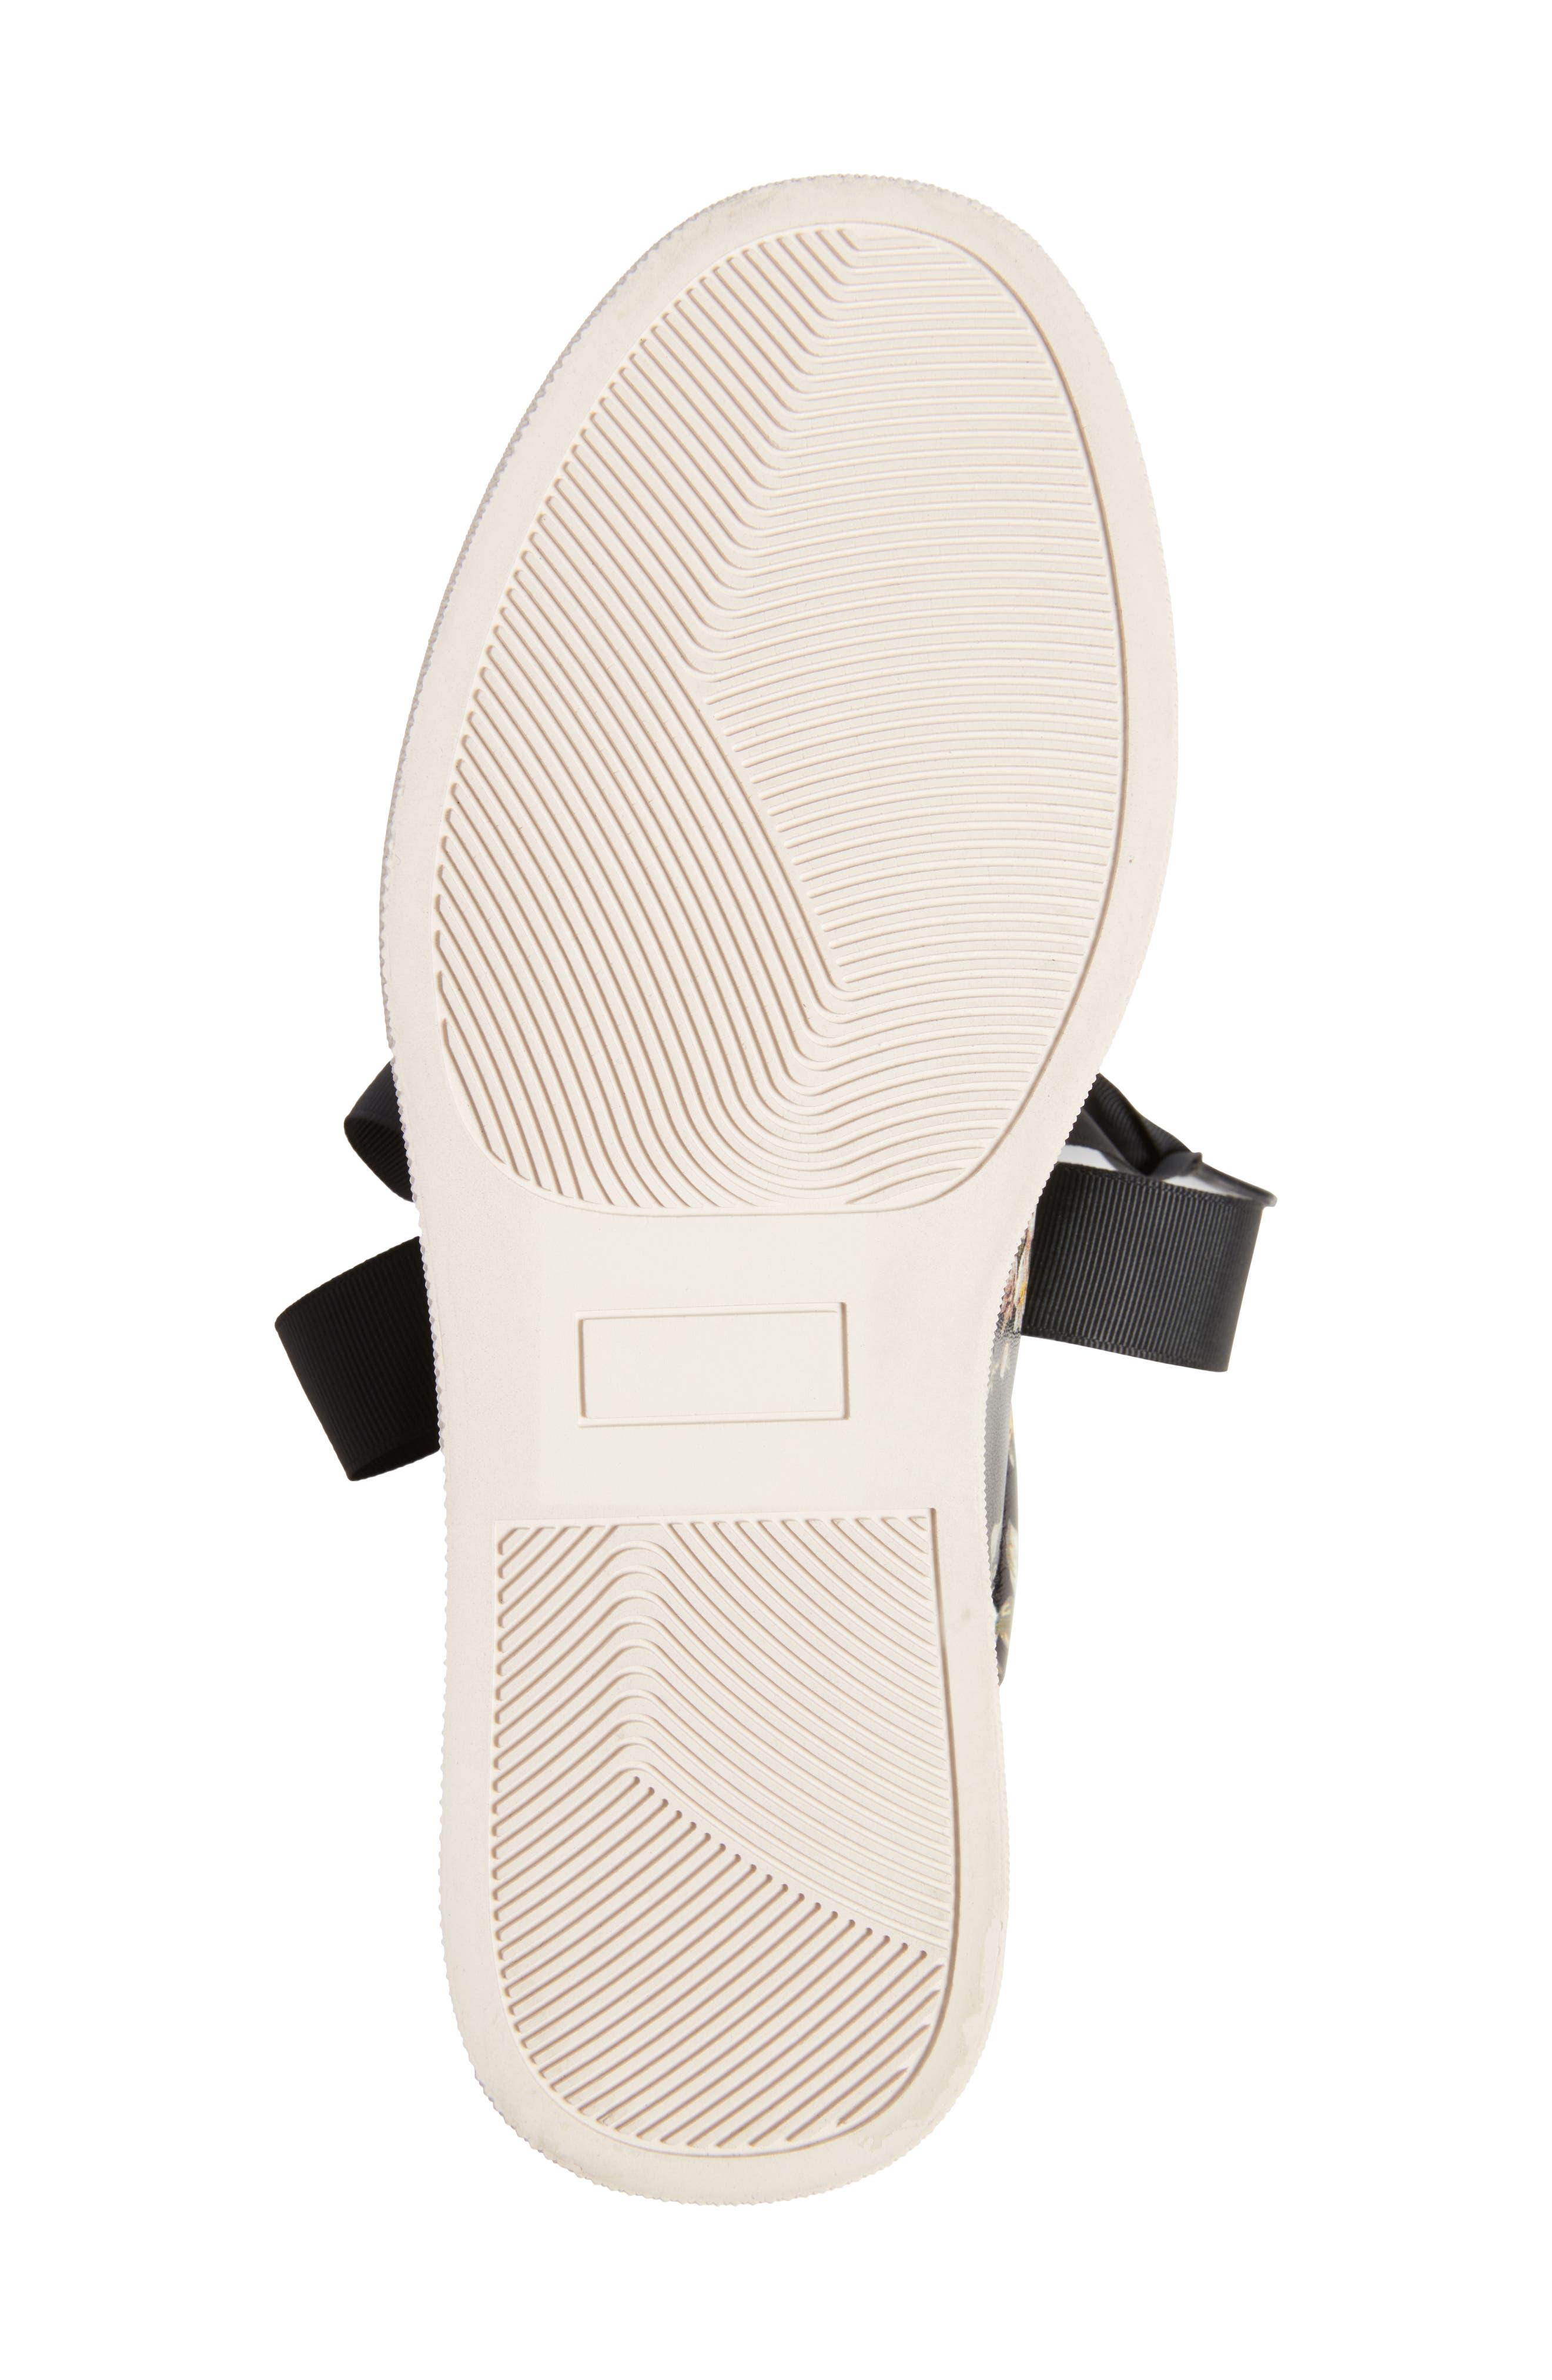 Carter Sneaker,                             Alternate thumbnail 6, color,                             002